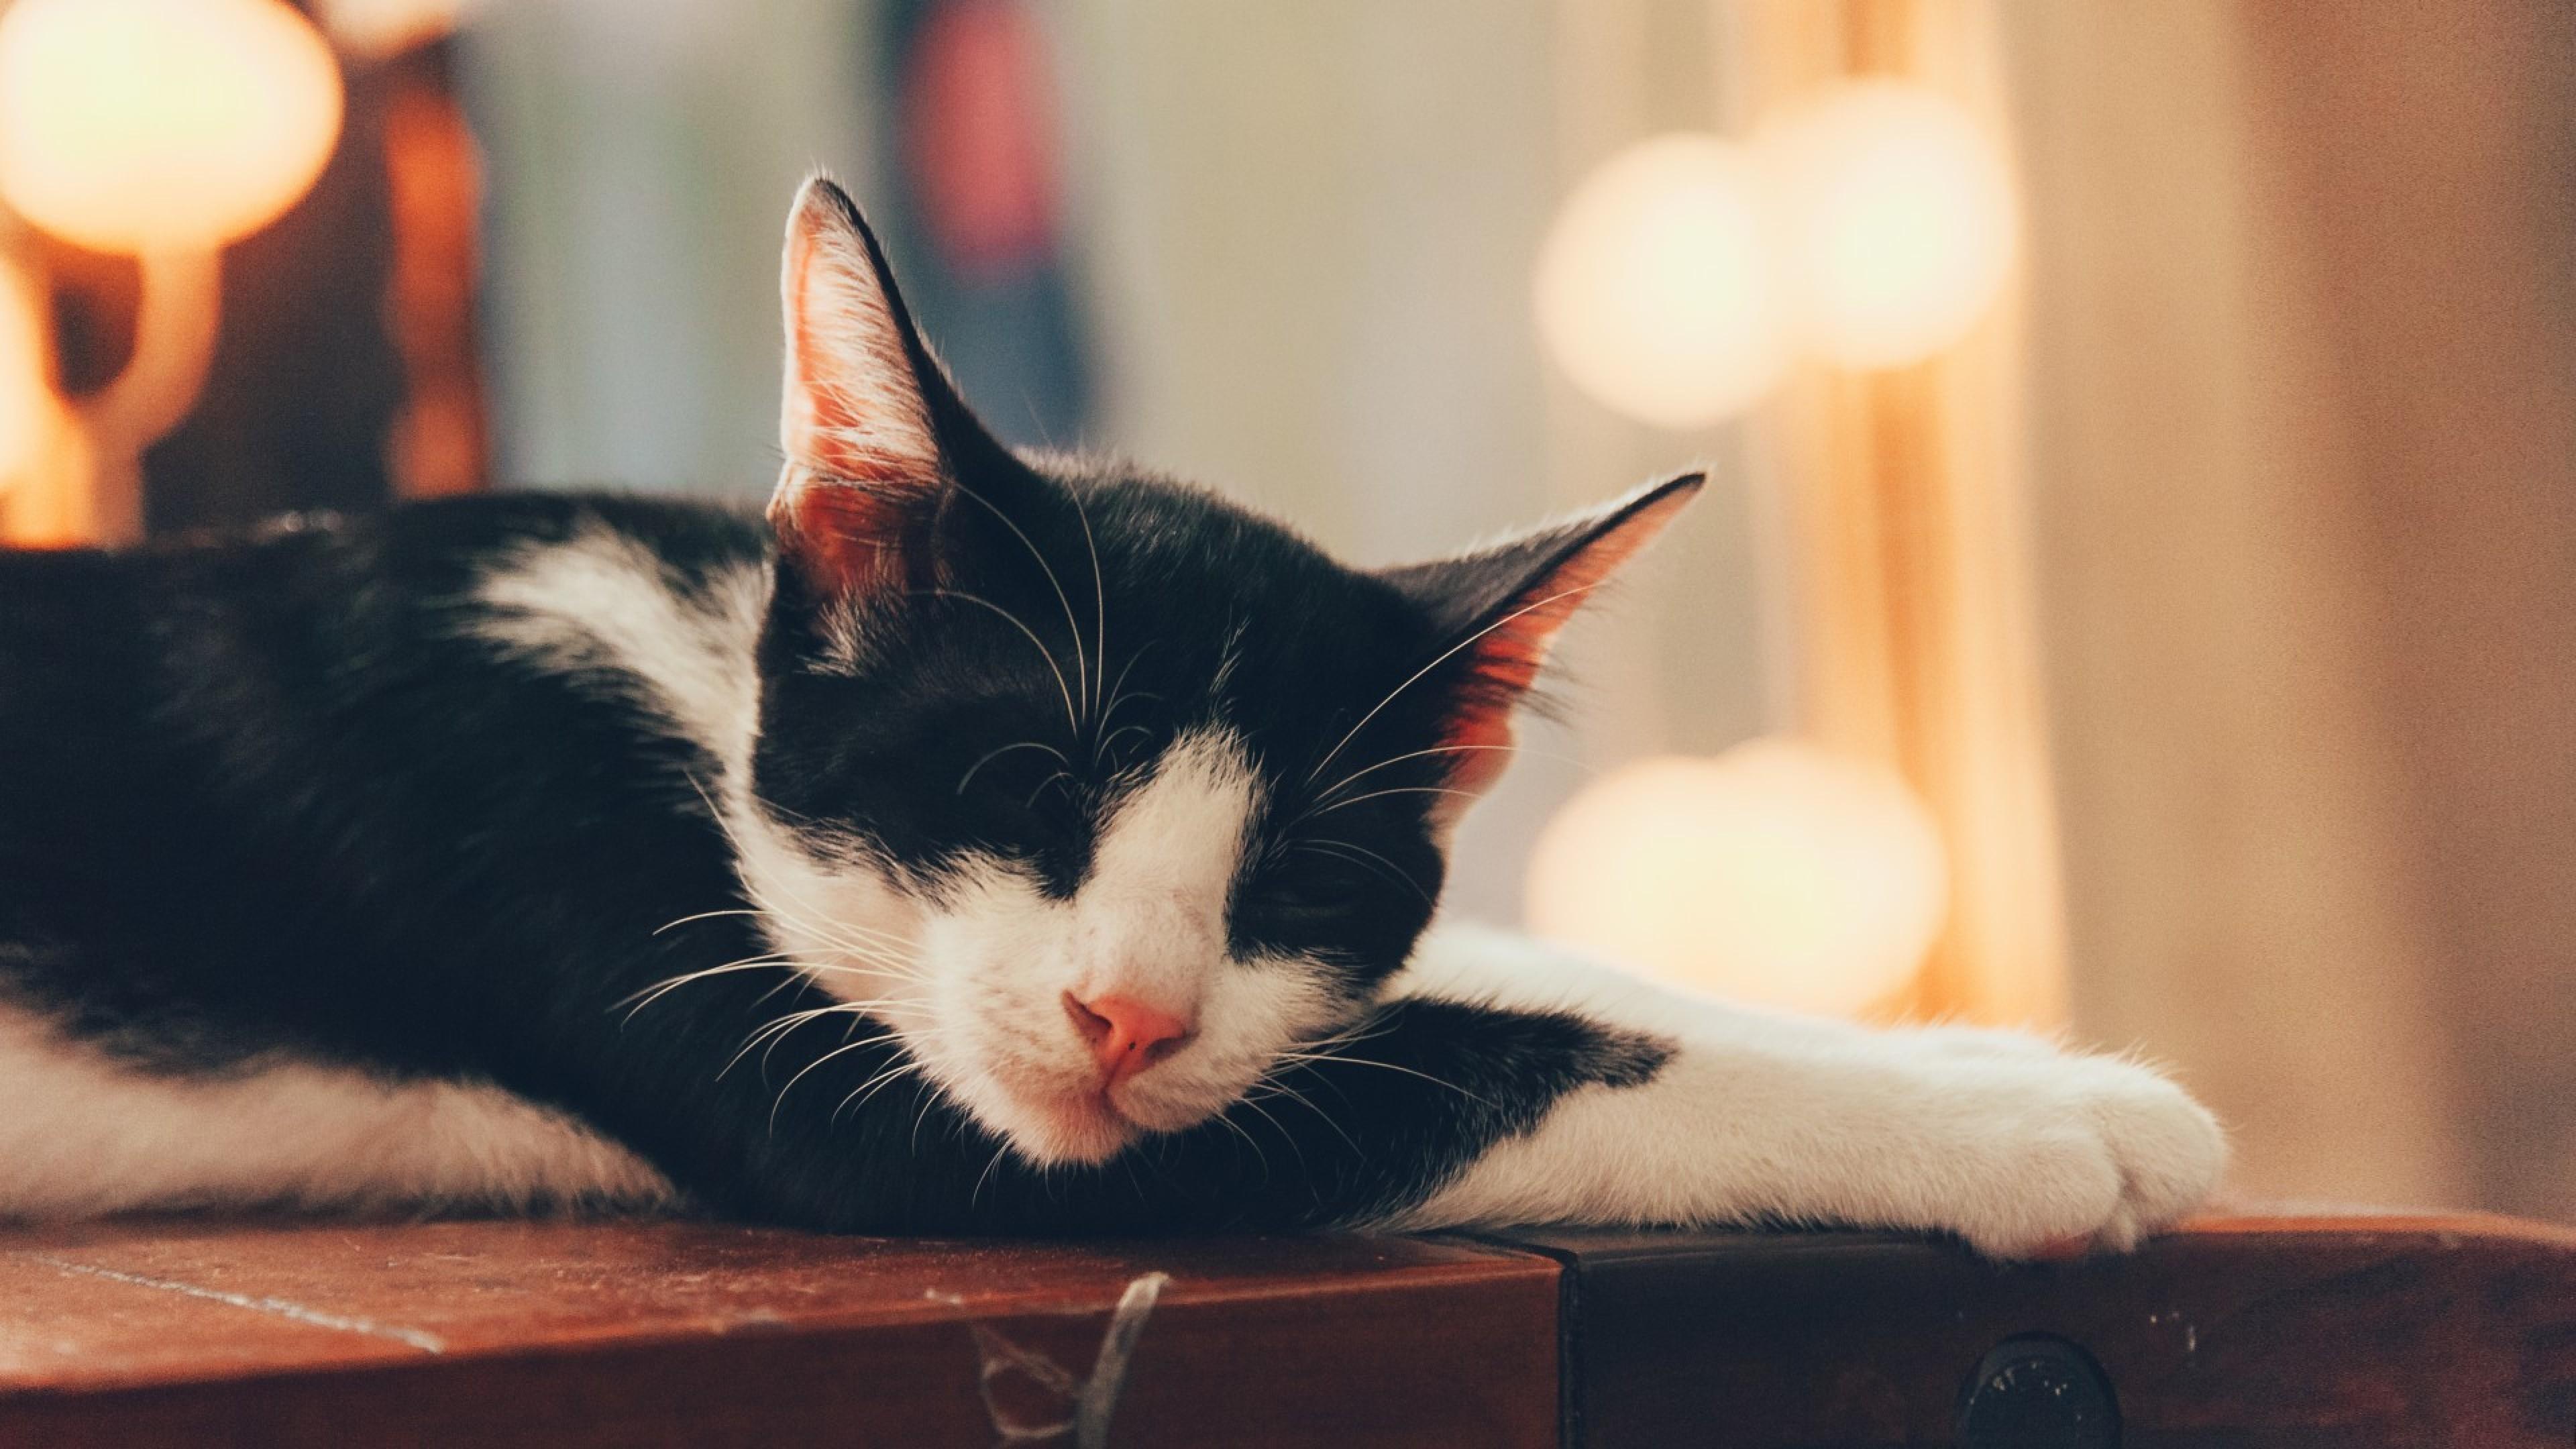 Cute Cat Sleeping Hd Wallpaper 4k Ultra Hd Hd Wallpaper Wallpapers Net